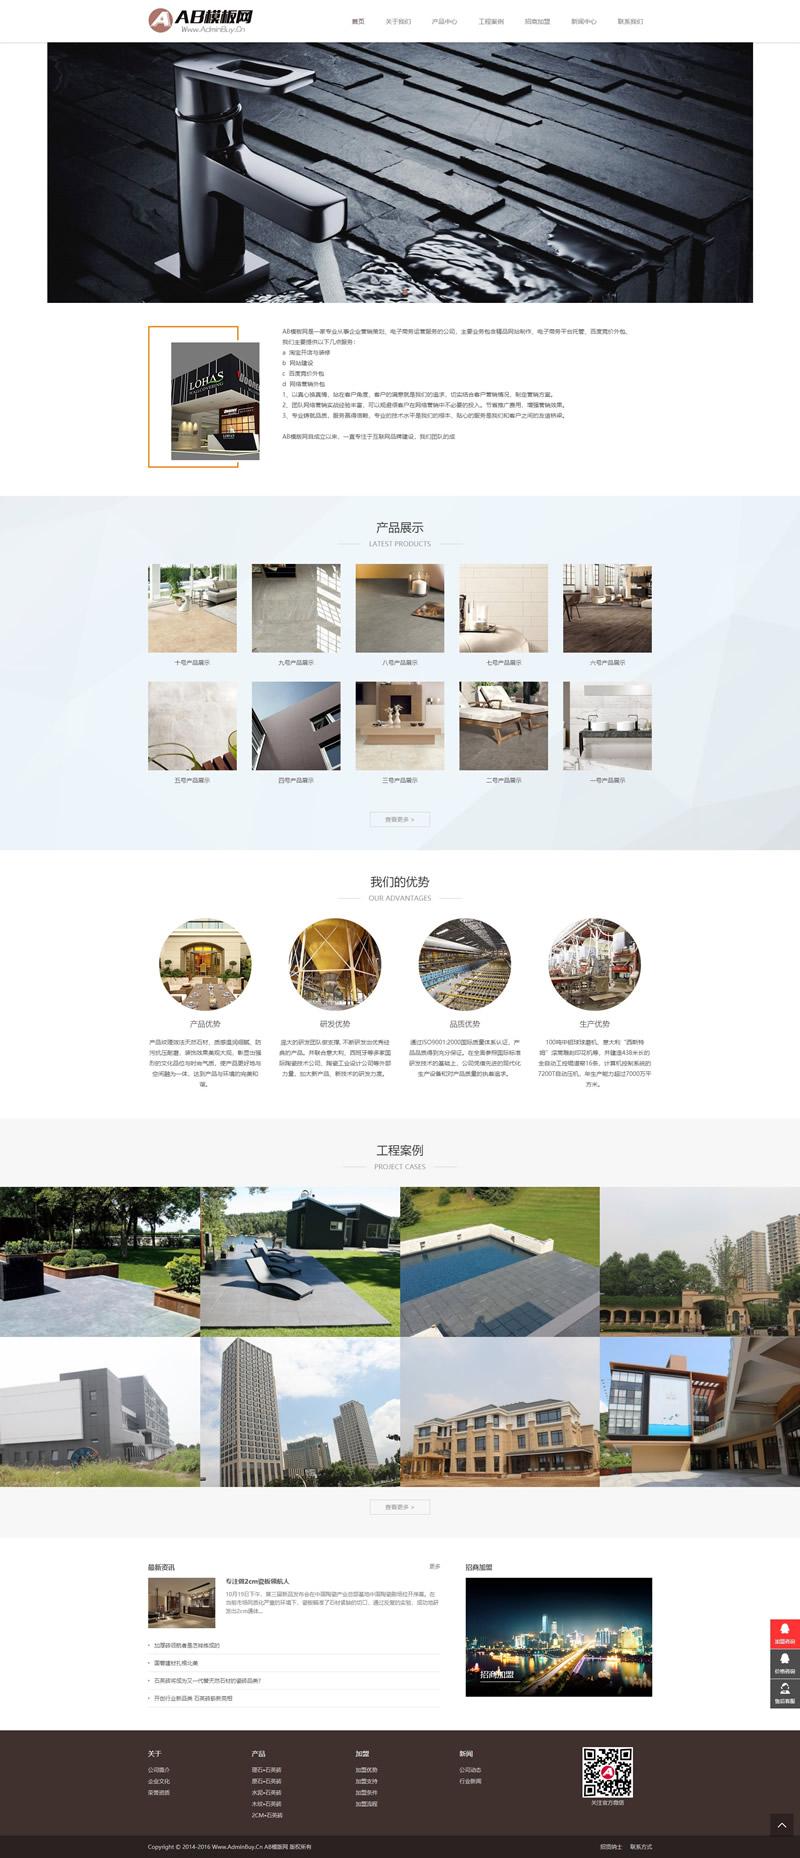 Dedecms织梦模板自适应手机版HTML5建材陶瓷装修设计网站源码